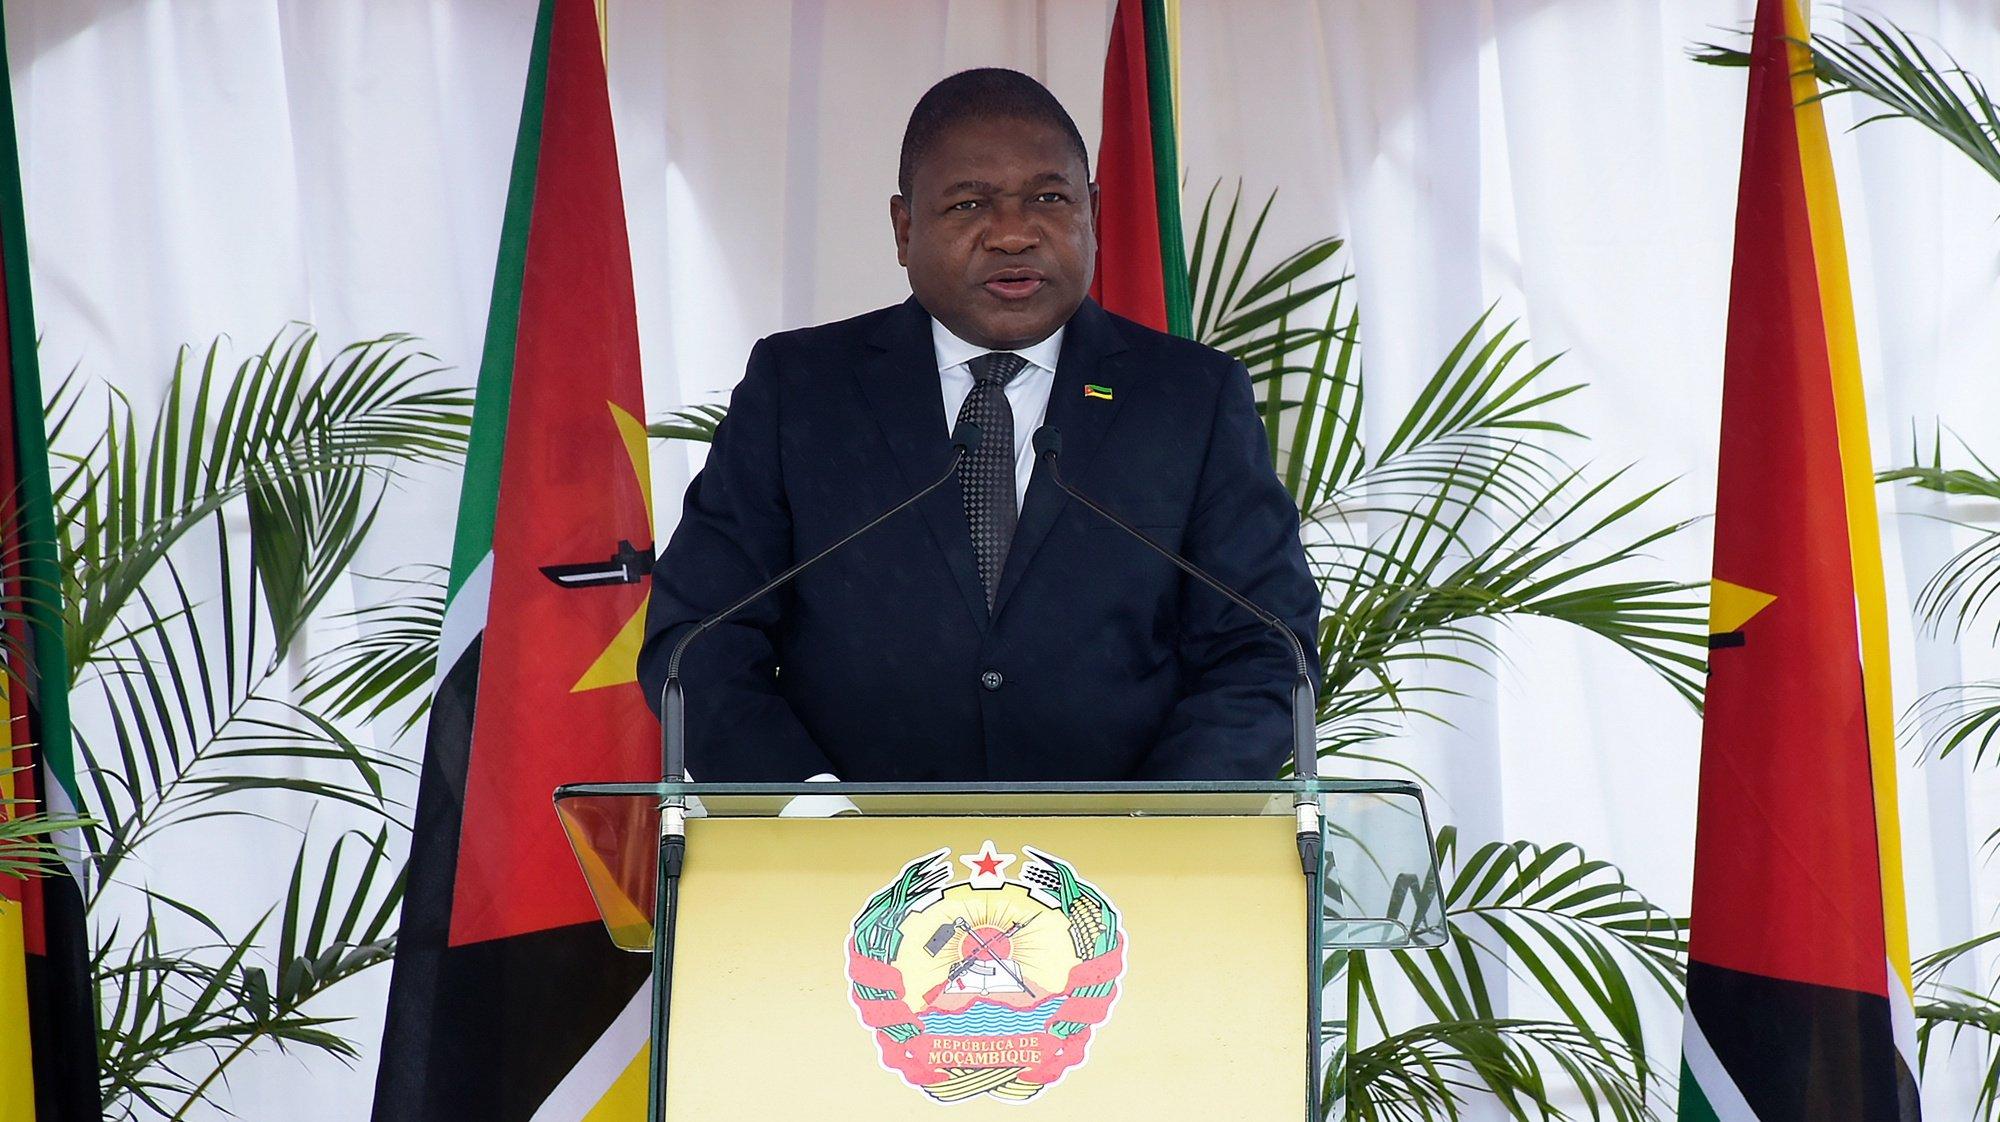 O Presidente da República de Moçambique, Filipe Nyusi, discursa durante as cerimónias de comemoração do Dia dos Heróis Nacionais, em Maputo, Moçambique, 03 de fevereiro 2021. PRESIDÊNCIA DA REPÚBLICA DE MOÇAMBIQUE/LUSA